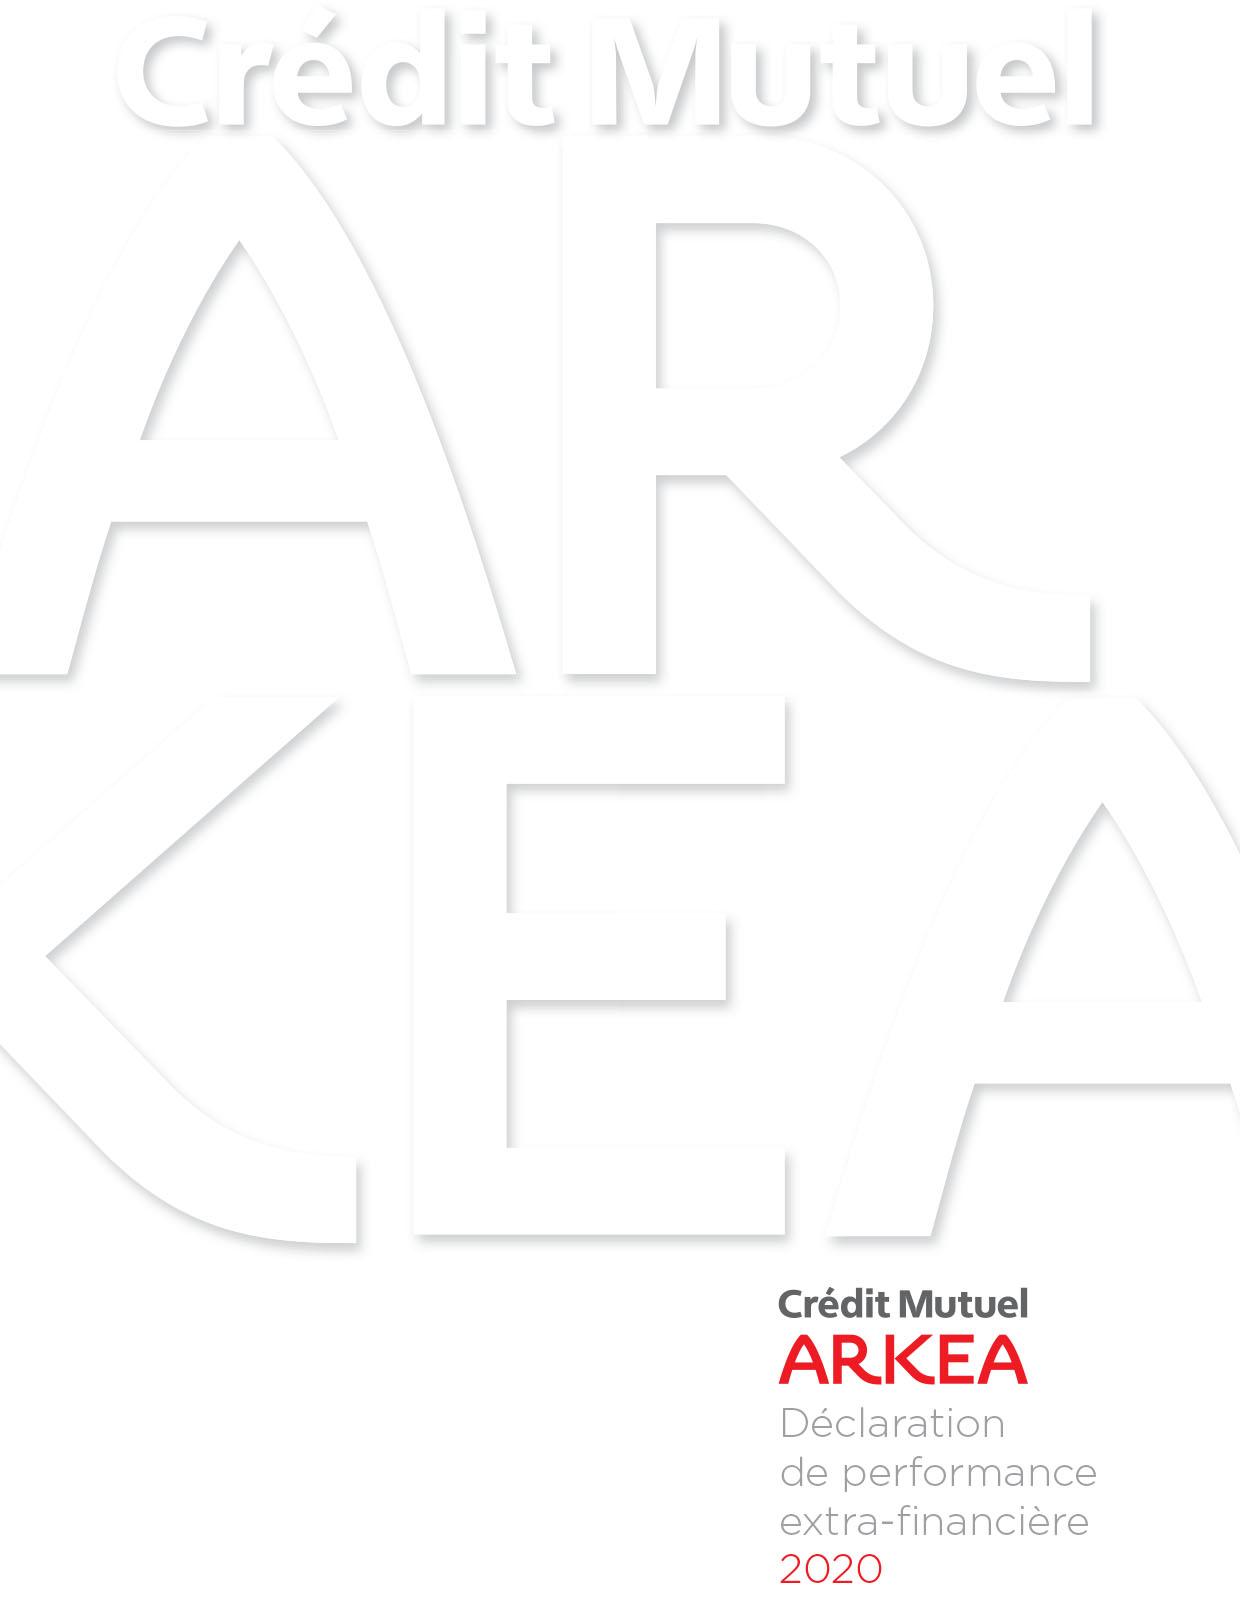 Déclaration de performance extra-financière 2020